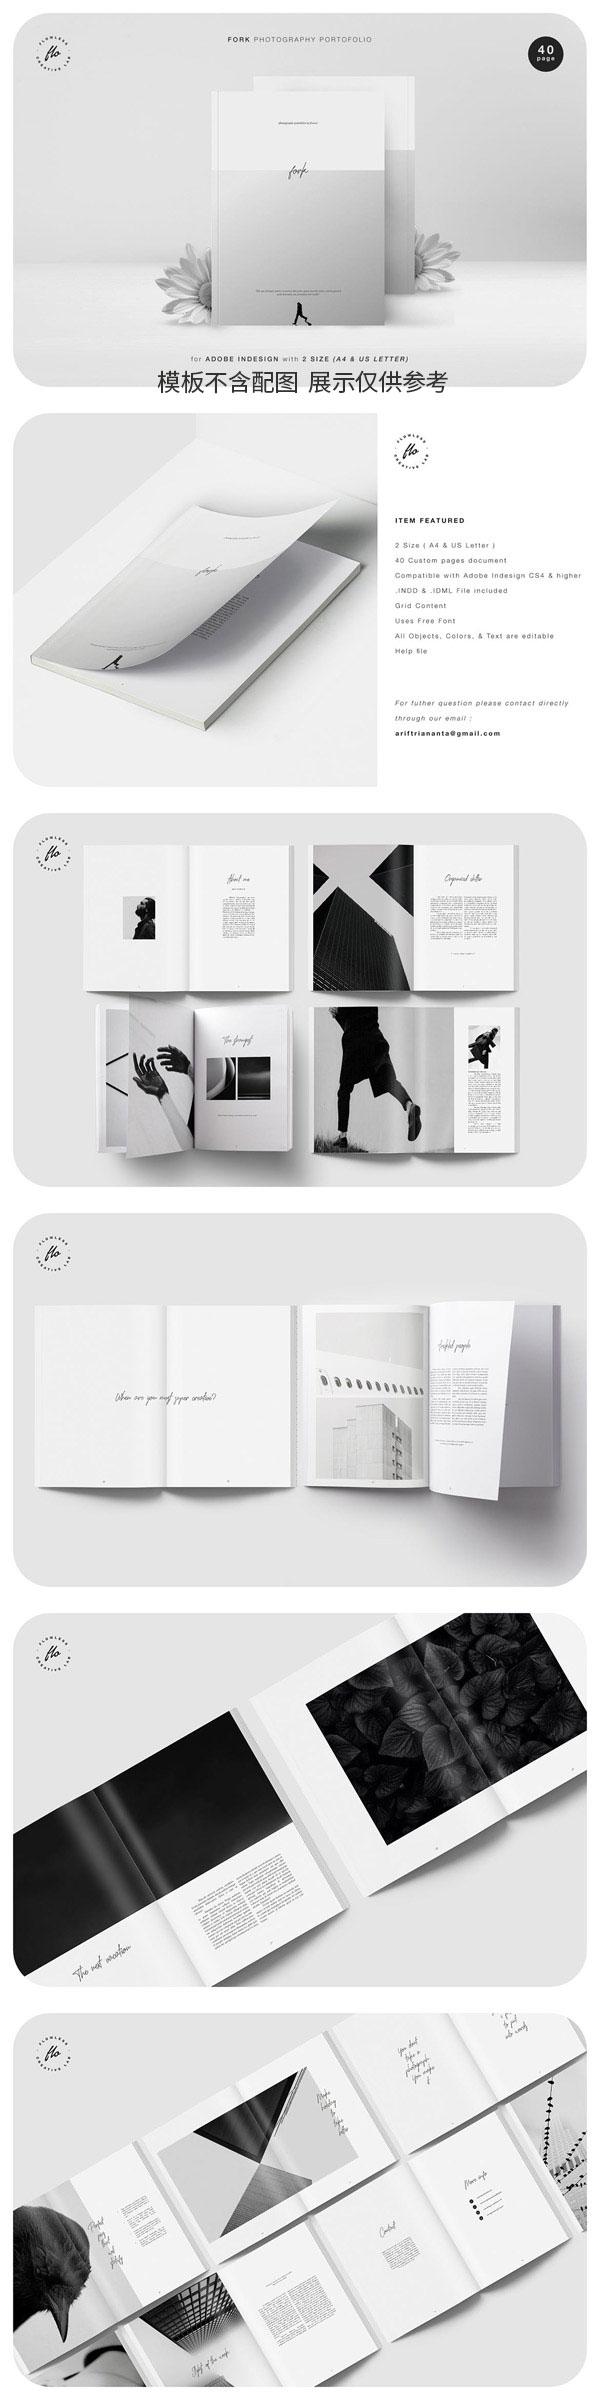 简约摄影手册模板